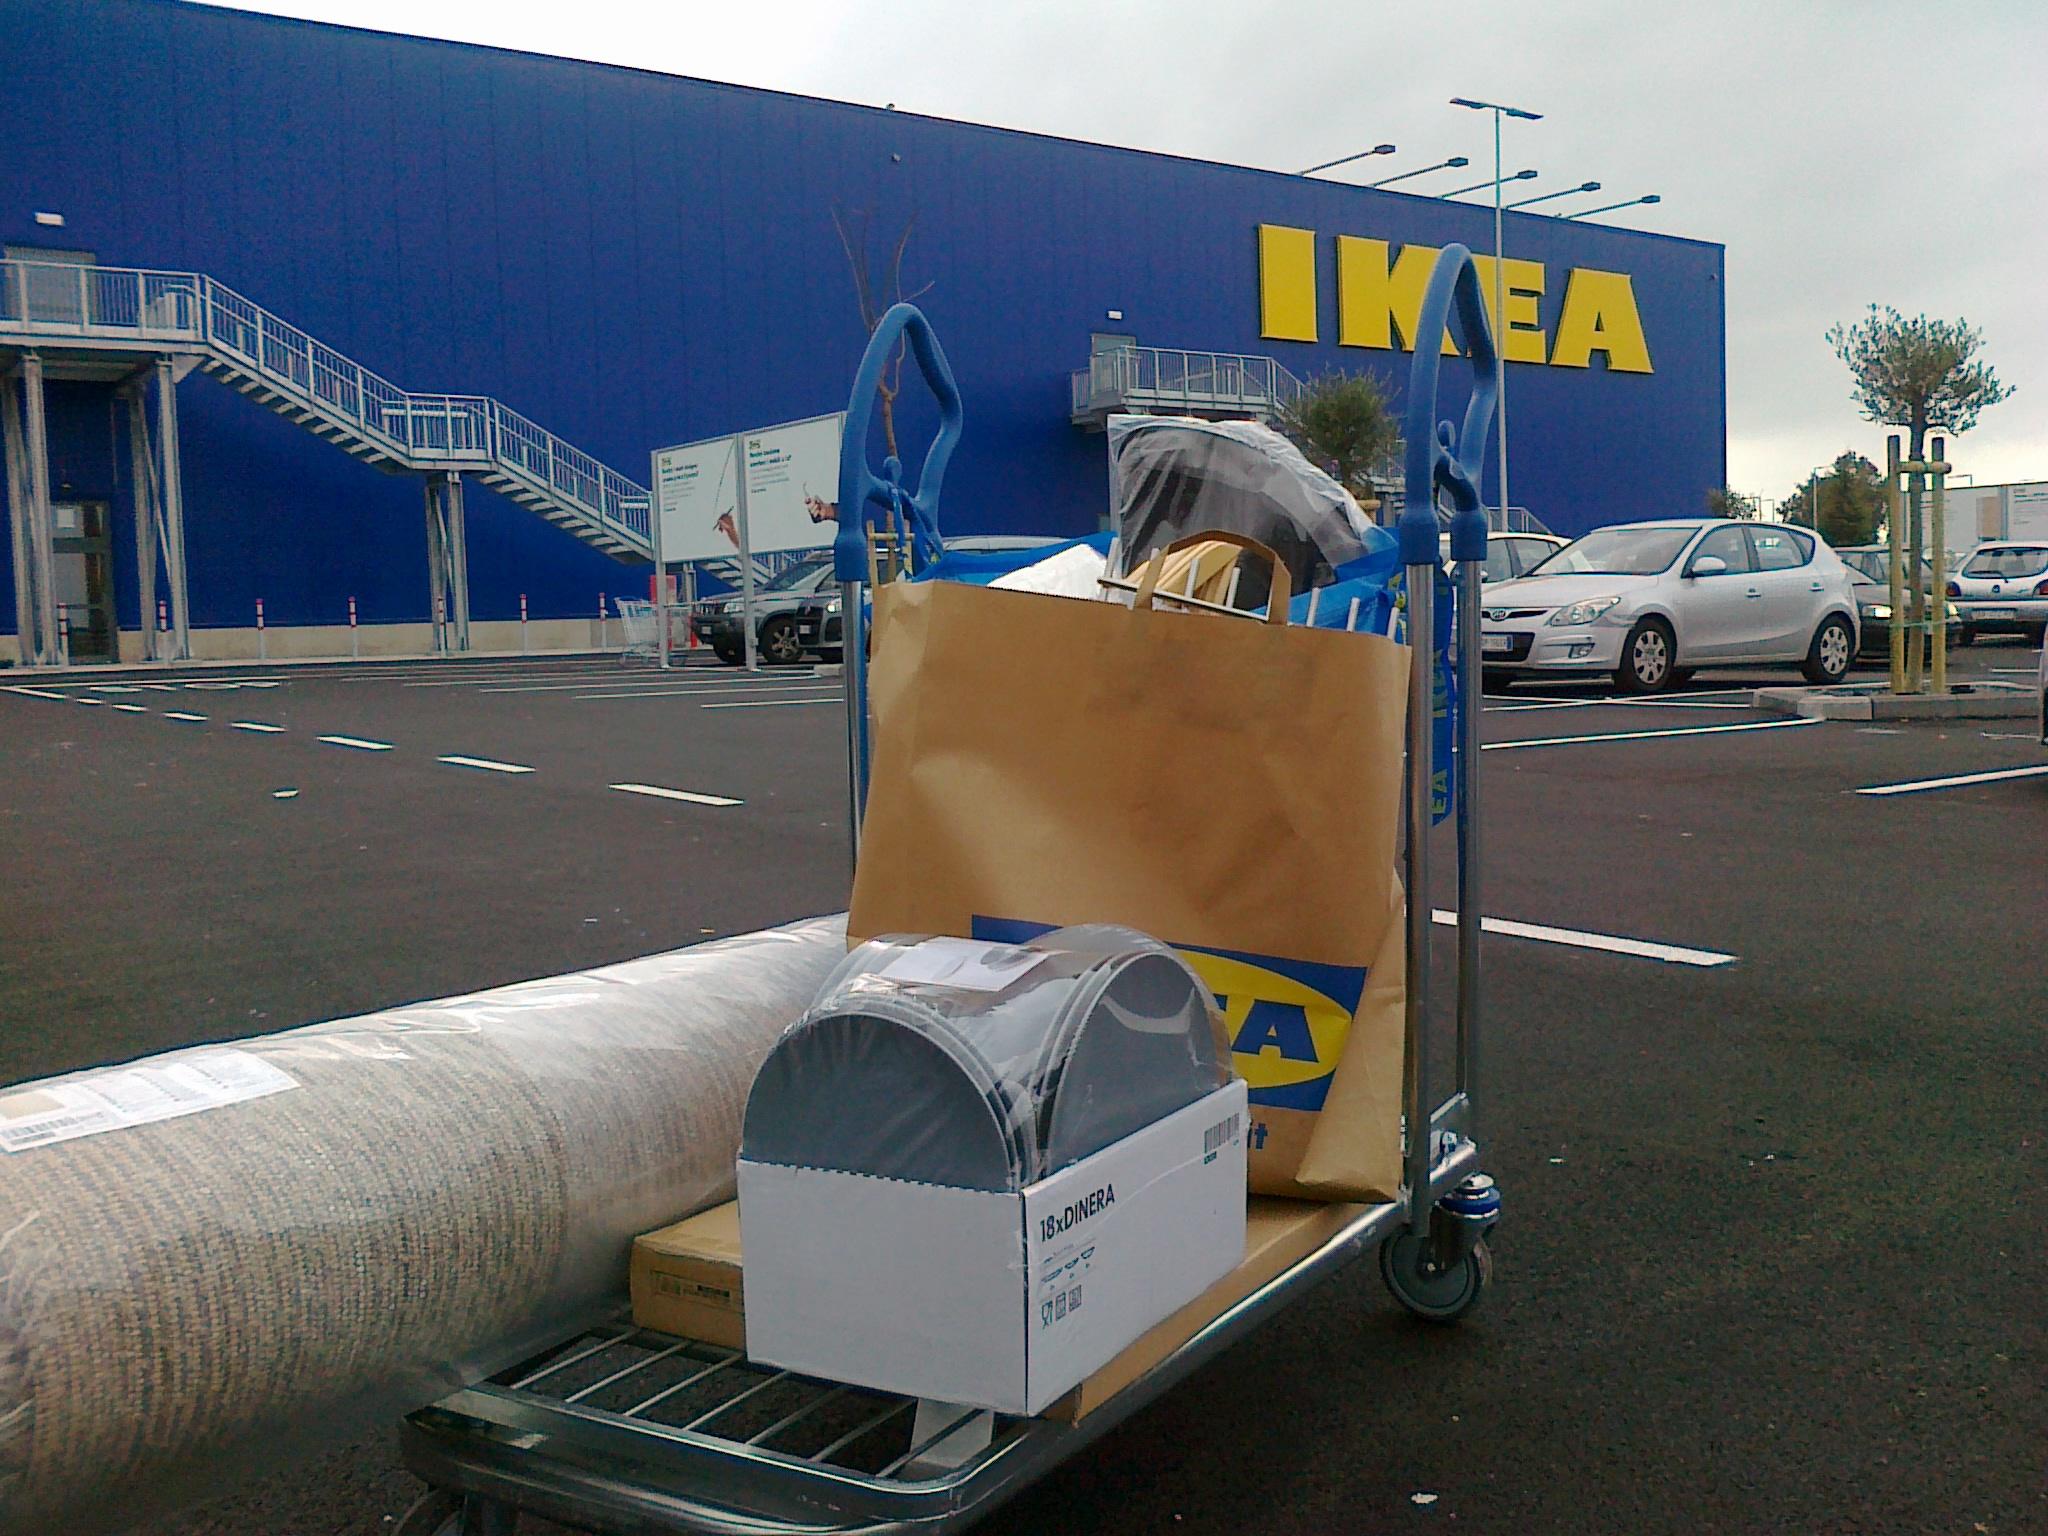 Ikea Di Napoli Reparto Montaggio Truffe